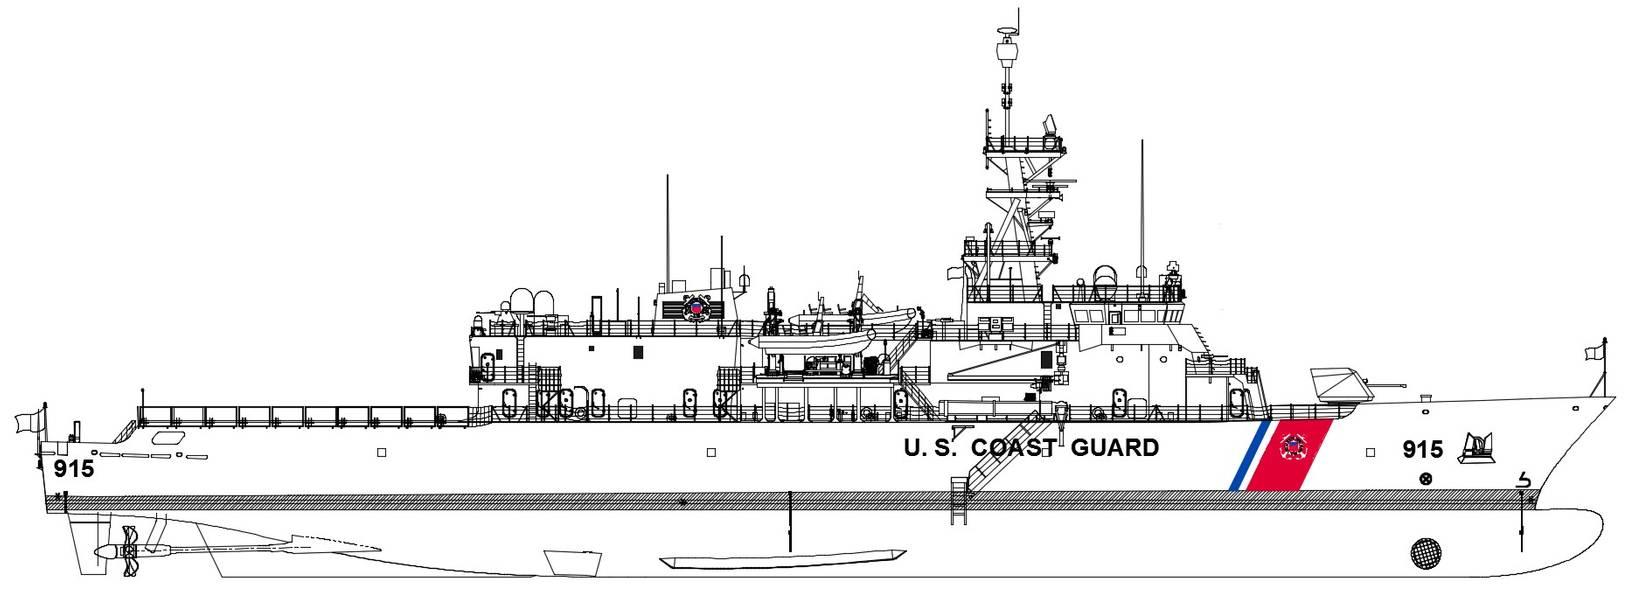 海上巡逻切割机的渲染